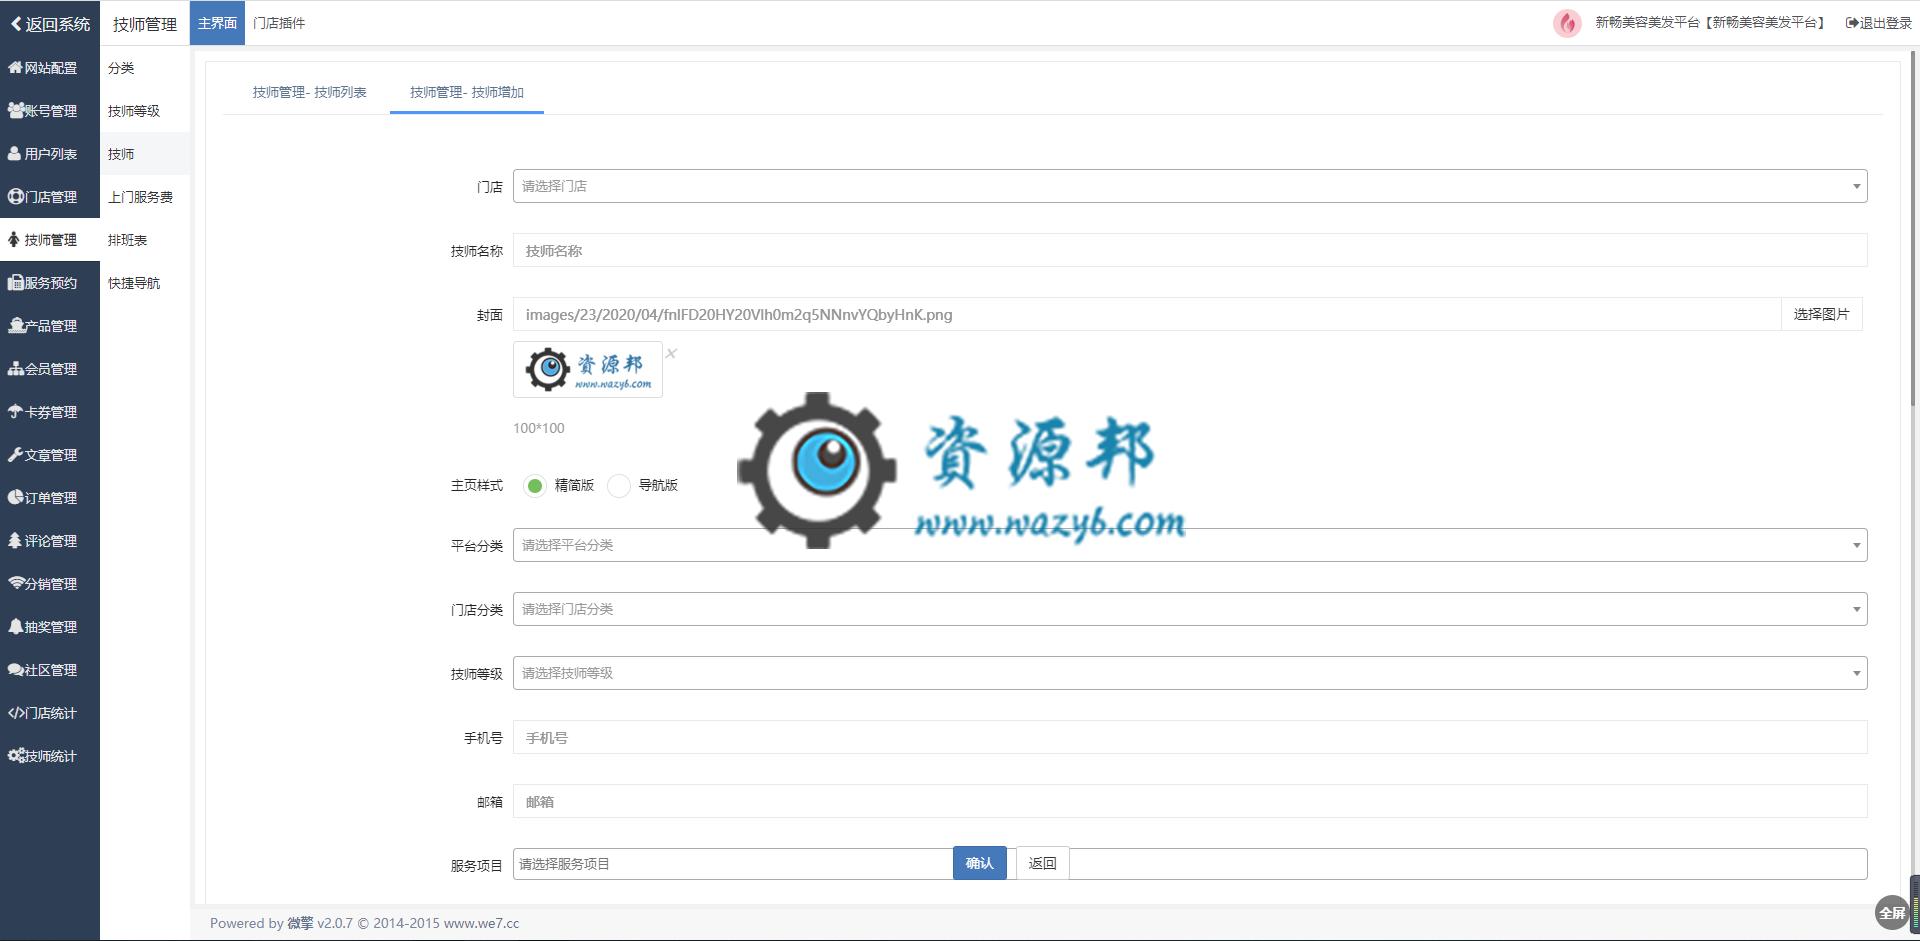 【微信小程序】新畅美容美发平台V1.5.6公众号小程序双端版本,增加管理端技师分类 公众号应用 第4张